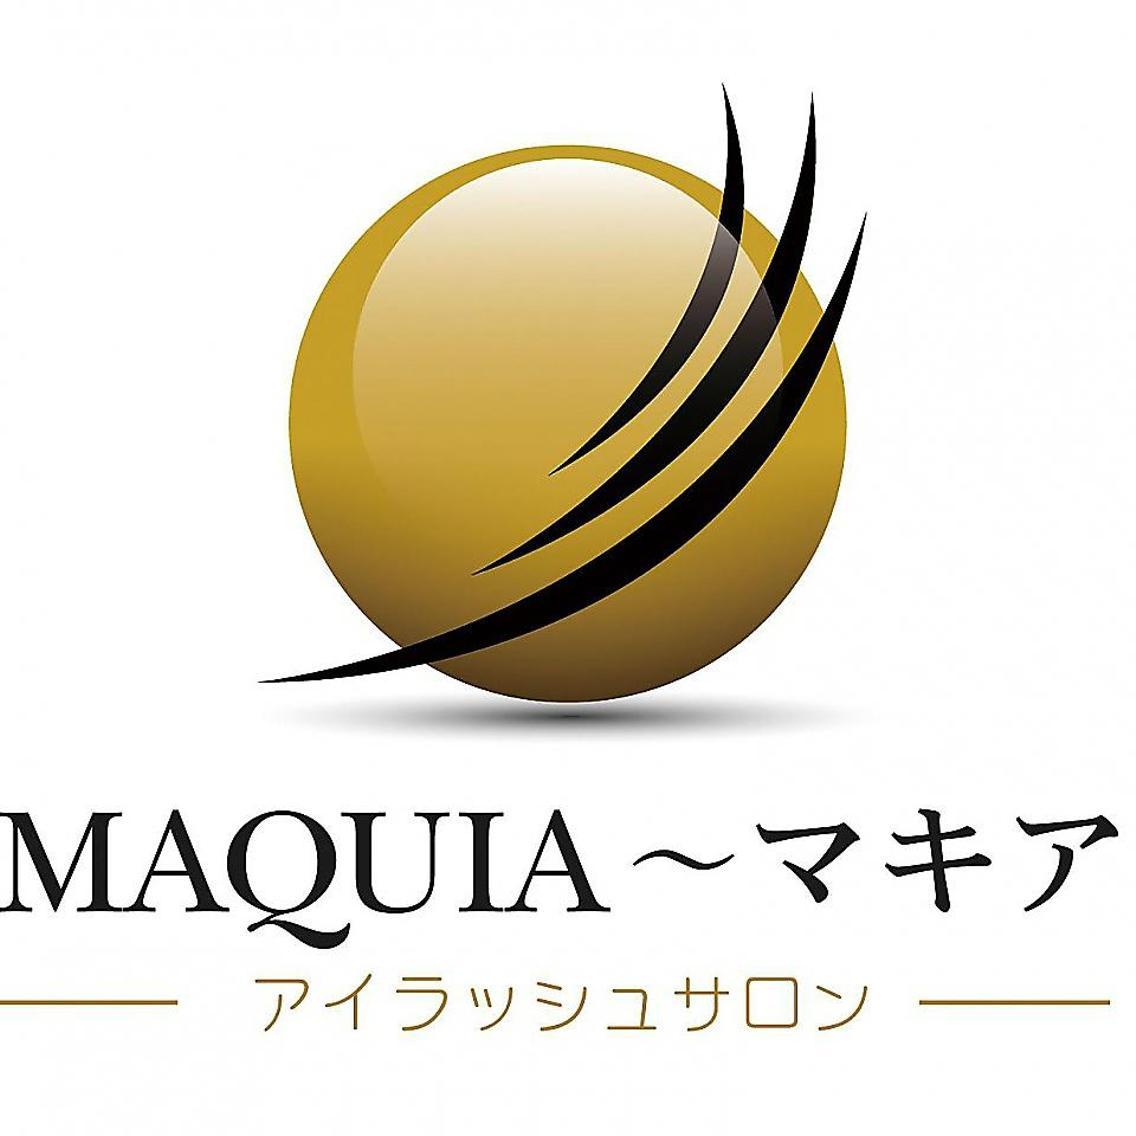 マキア秋田店所属・MAQUIA秋田店の掲載